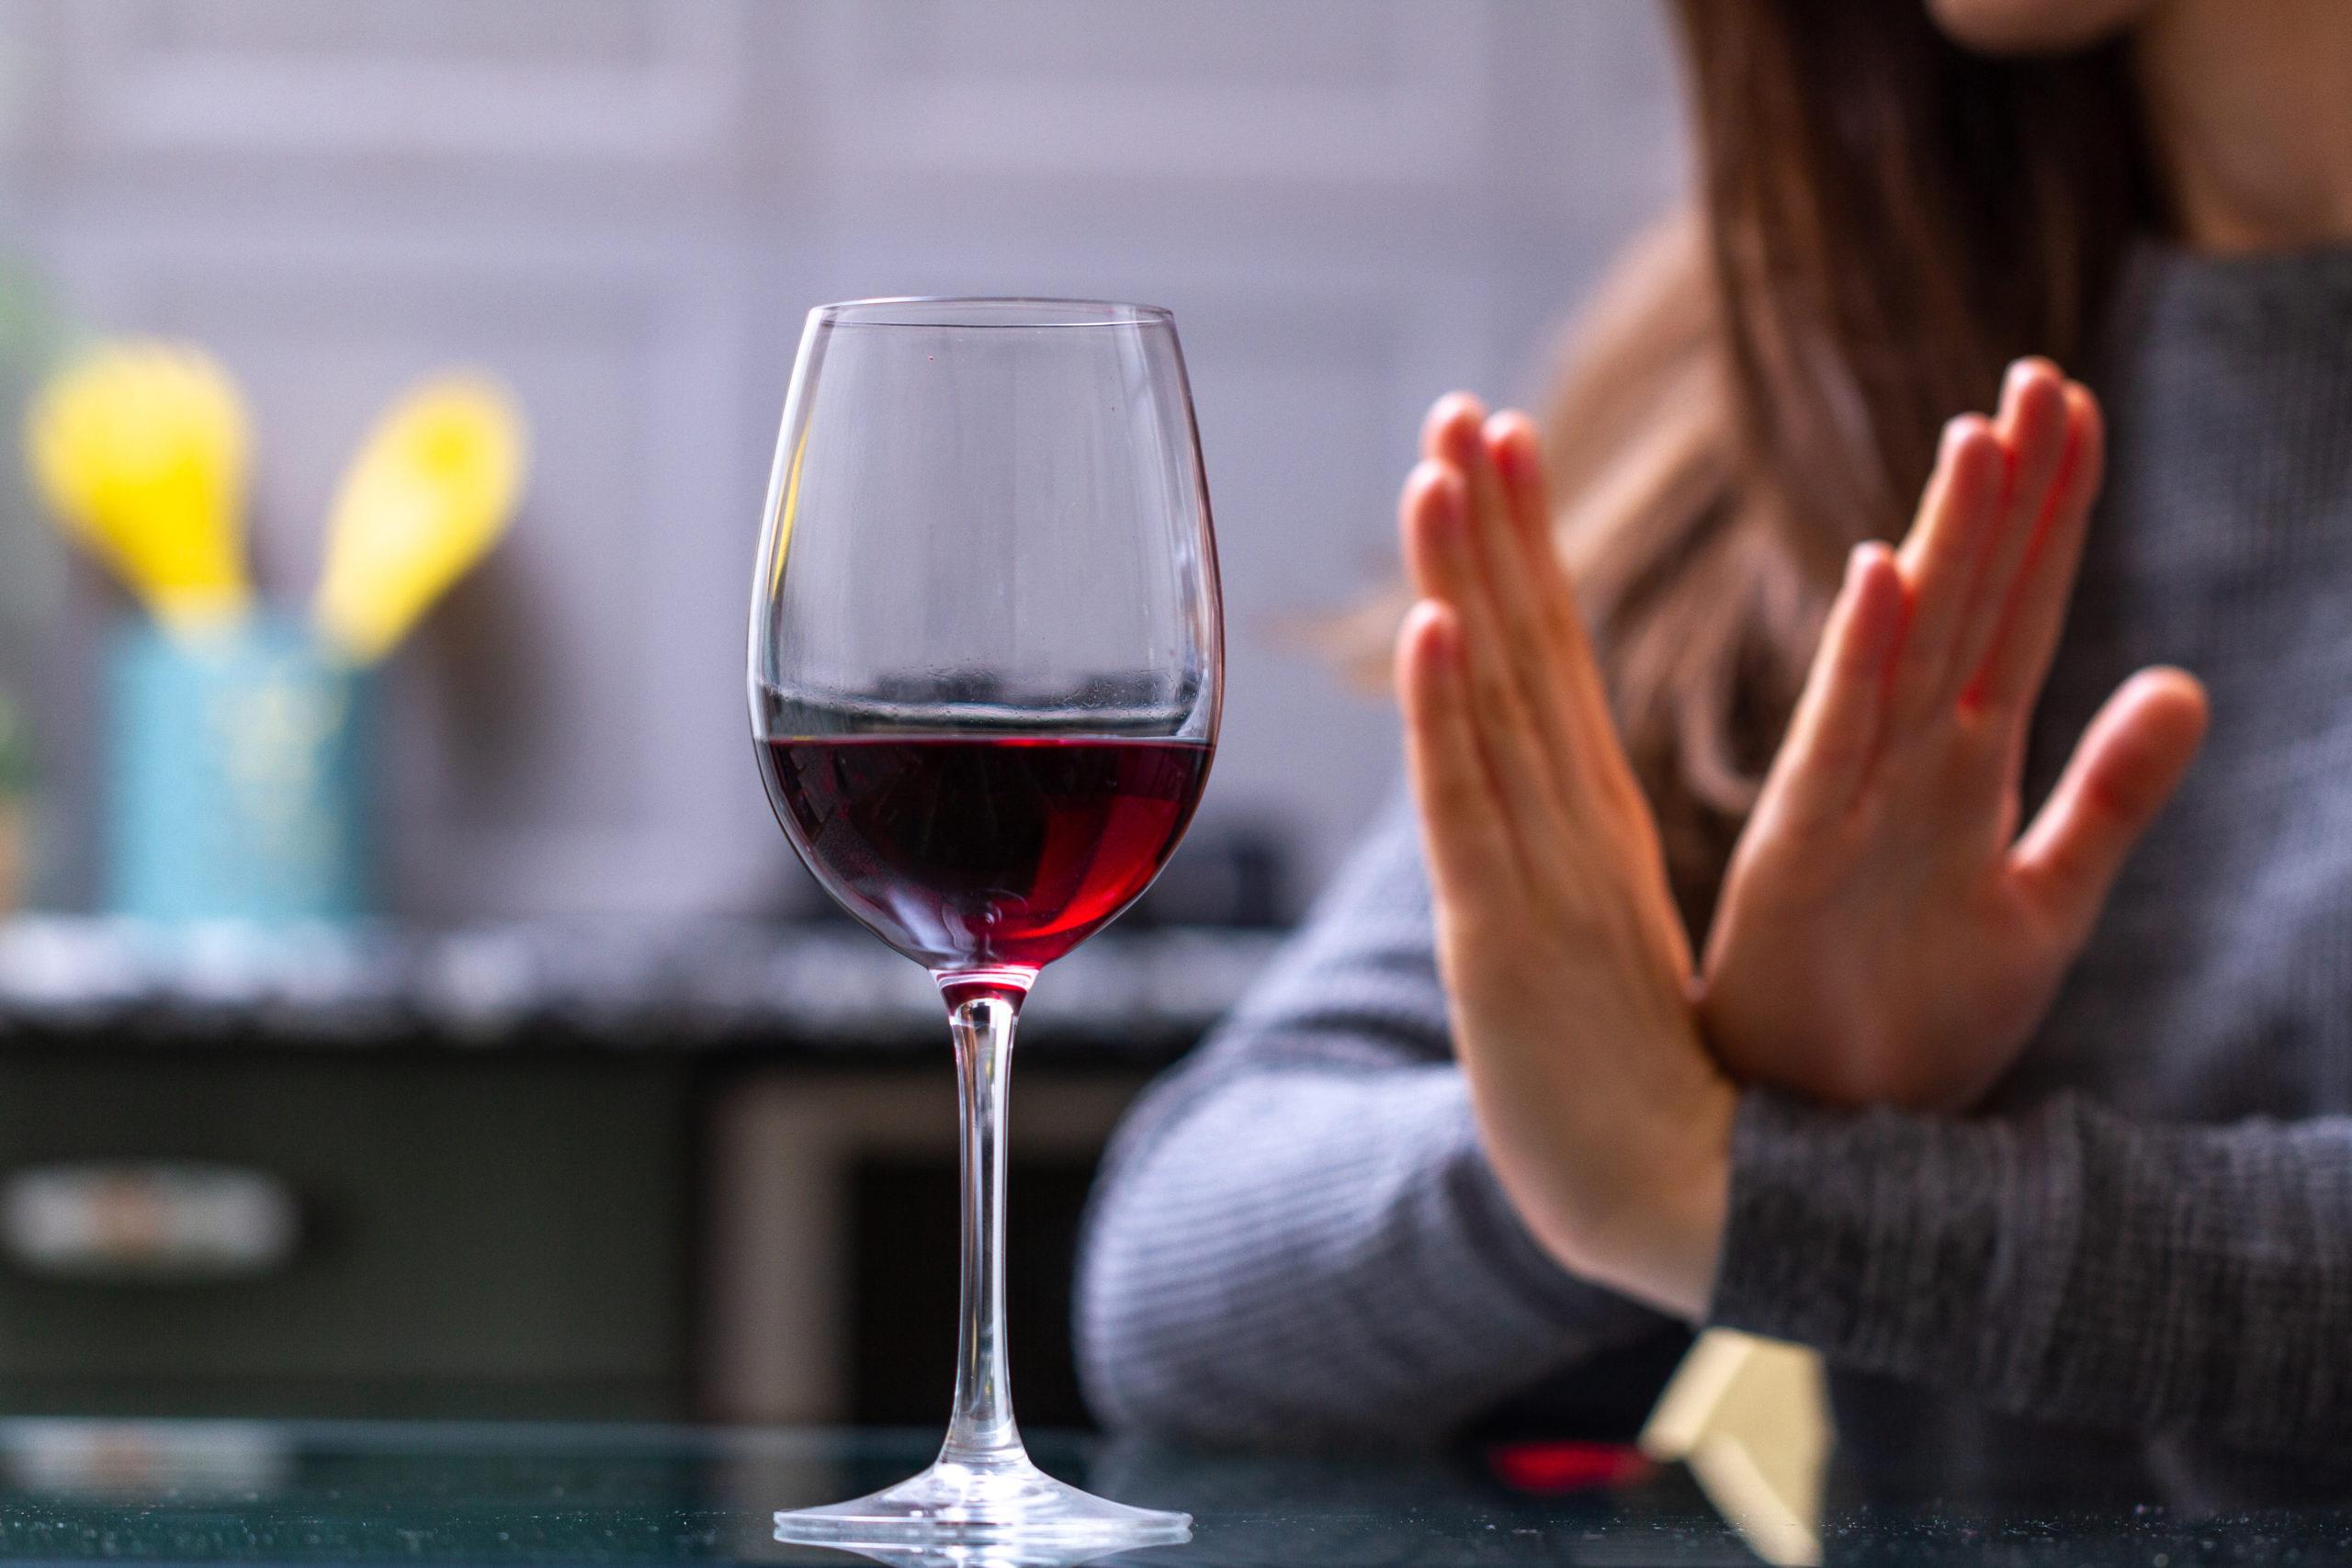 ¡Ojo! Un estudio advierte que beber cualquier cantidad de alcohol daña el cerebro